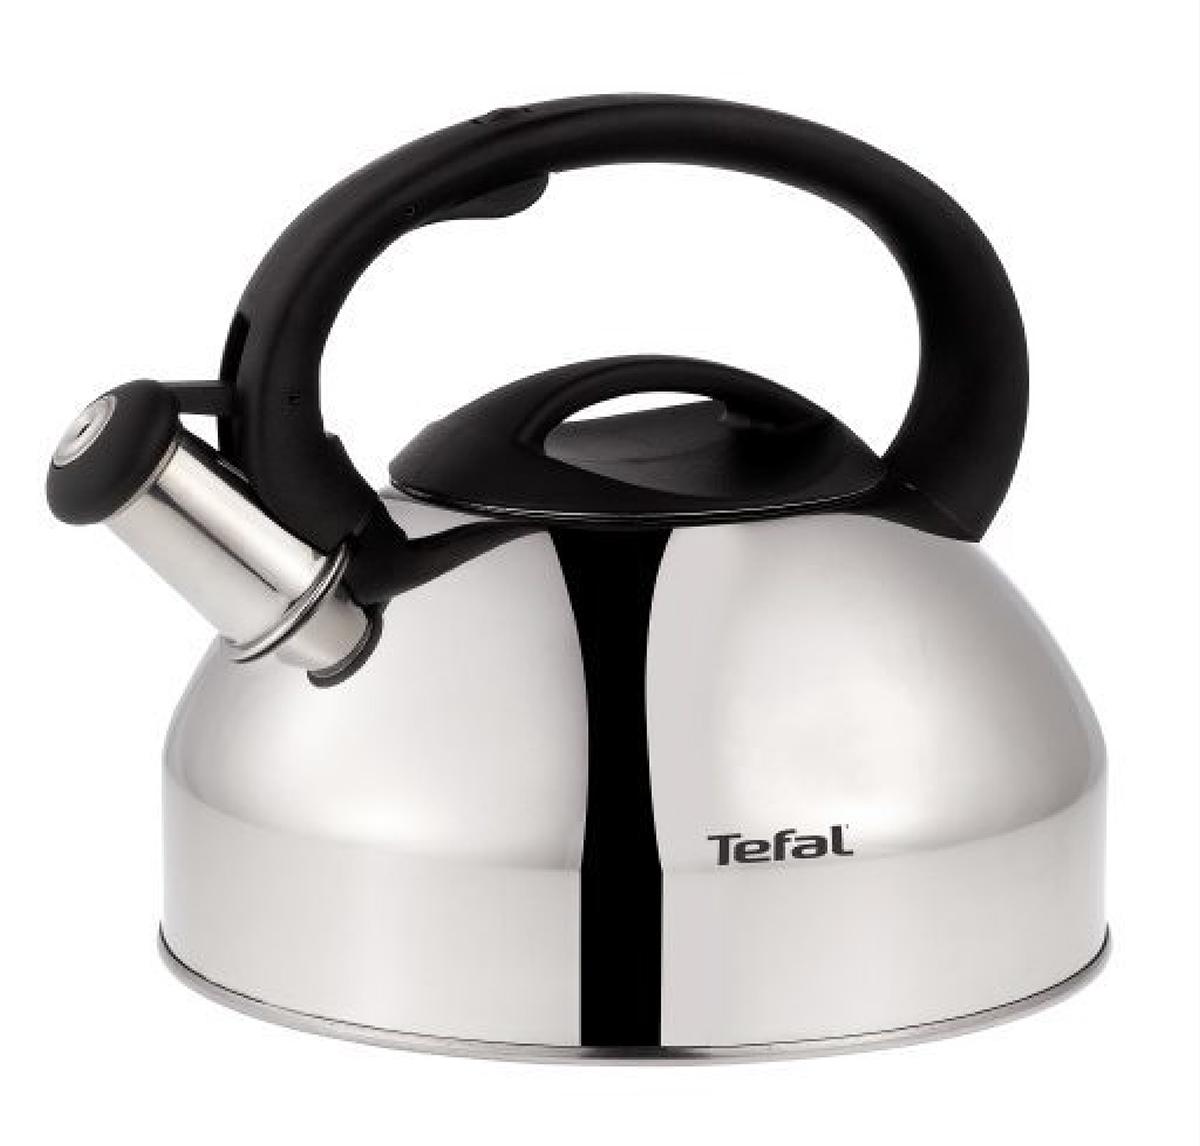 Чайник Tefal, со свистком, 2,5 л. C7921024C7921024Чайник Tefal изготовлен из шлифованной нержавеющей стали. Фиксированная ручка эргономичной формы изготовлена из бакелита. Носик чайника оснащен откидным свистком, звуковой сигнал которого подскажет, когда закипит вода. Свисток открывается/закрывается с помощью рычага на ручке чайника. Чайник Tefal - качественное исполнение и стильное решение для вашей кухни. Чайник подходит для всех типов плит, кроме индукционных.